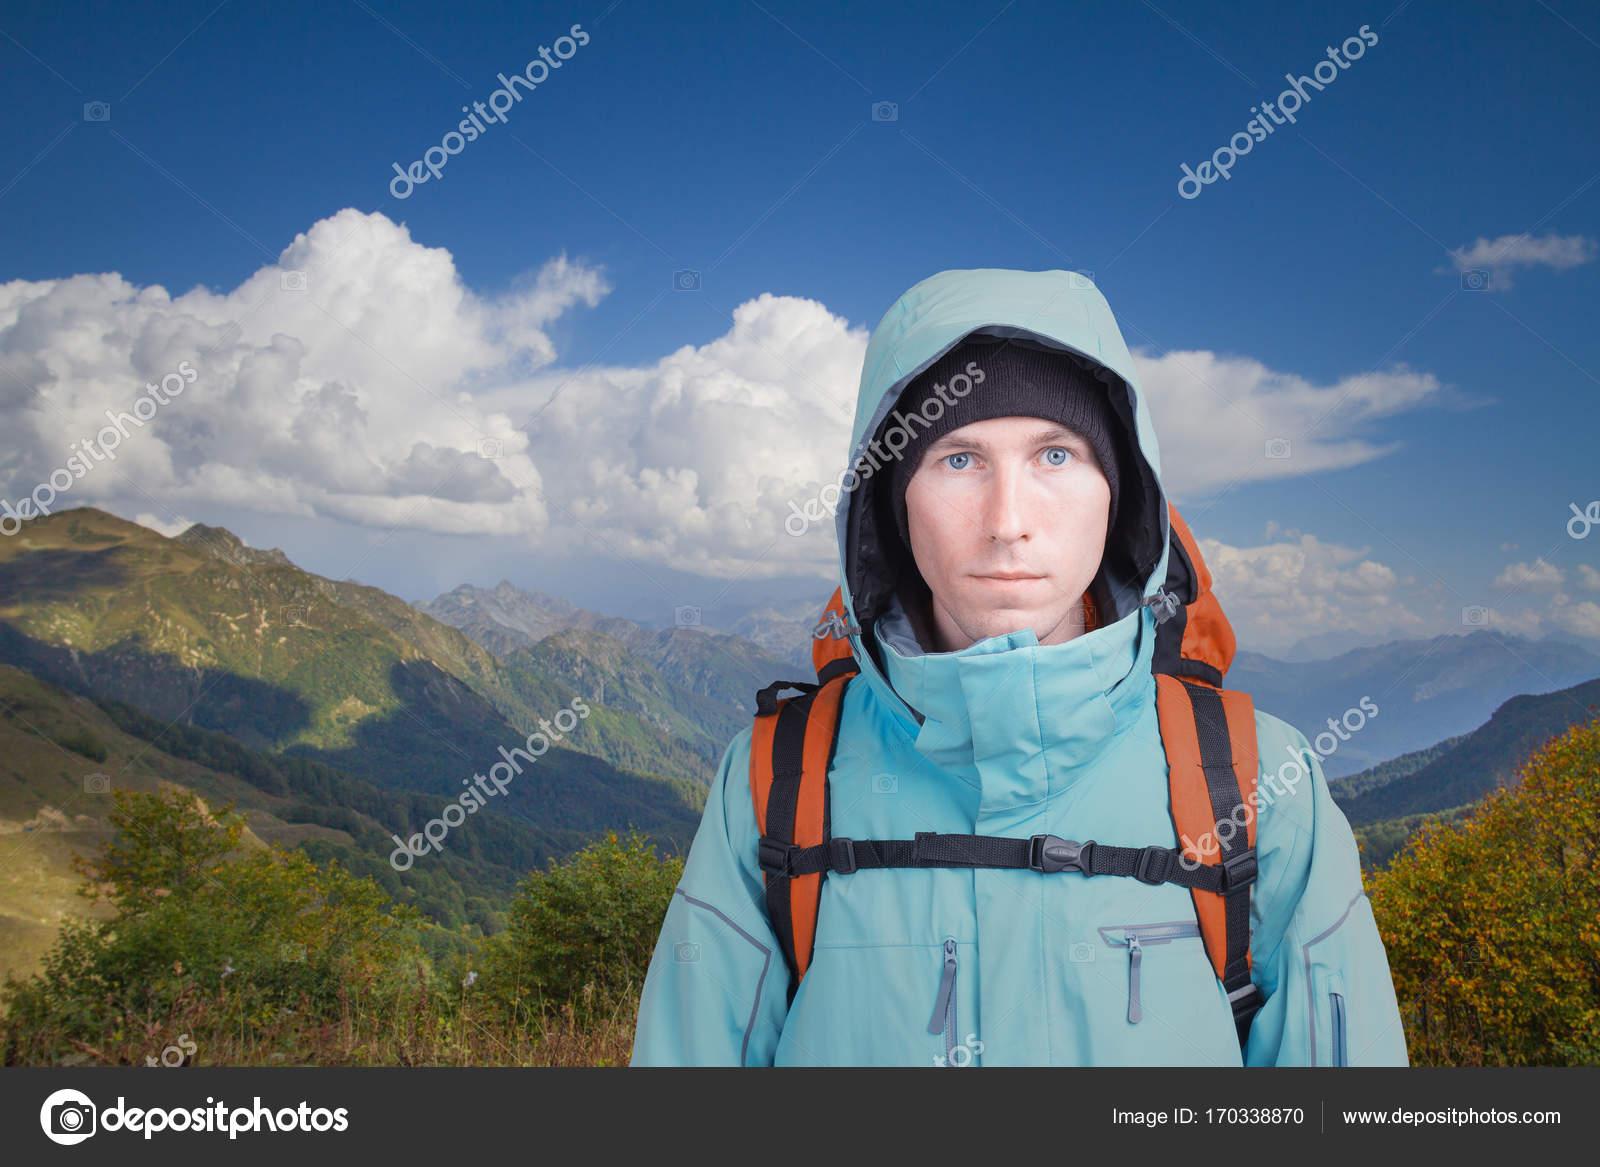 Retrato Hombre Con Mochila Fondo Y De Joven Un En Montaña El Paisaje fwfgqCR